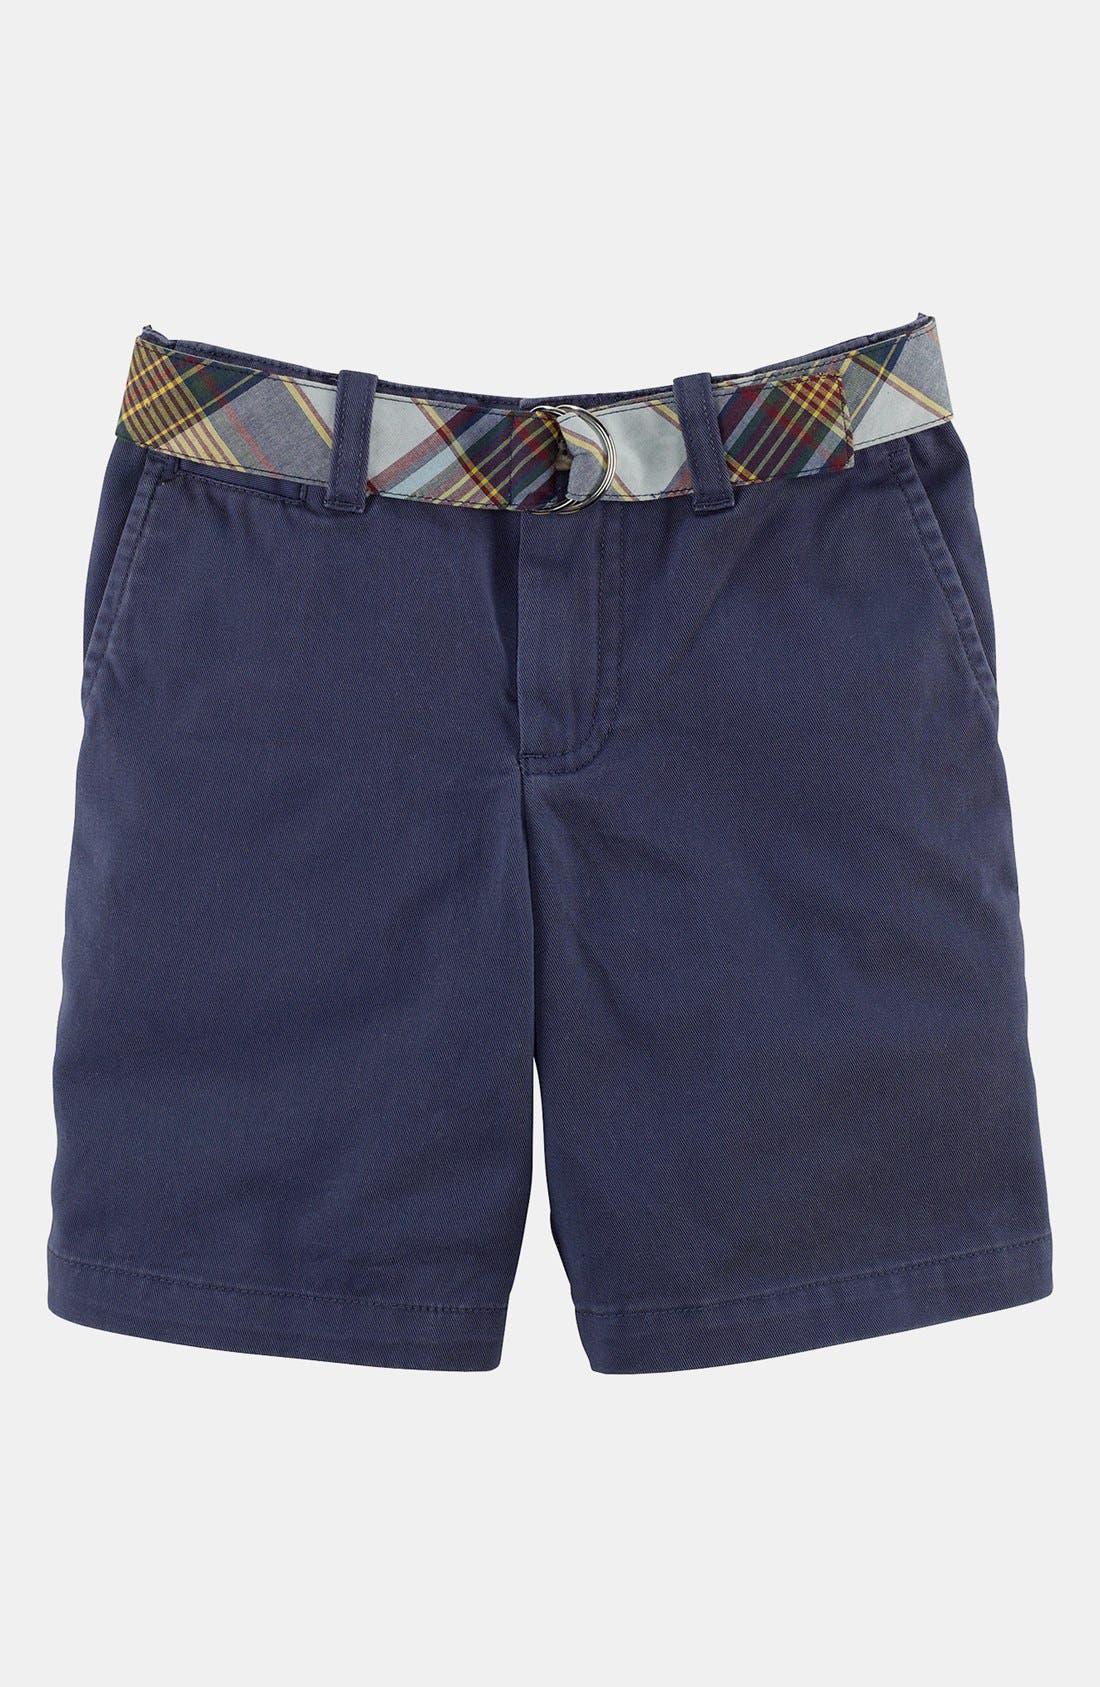 Main Image - Ralph Lauren 'Bleecker' Shorts (Toddler Boys)